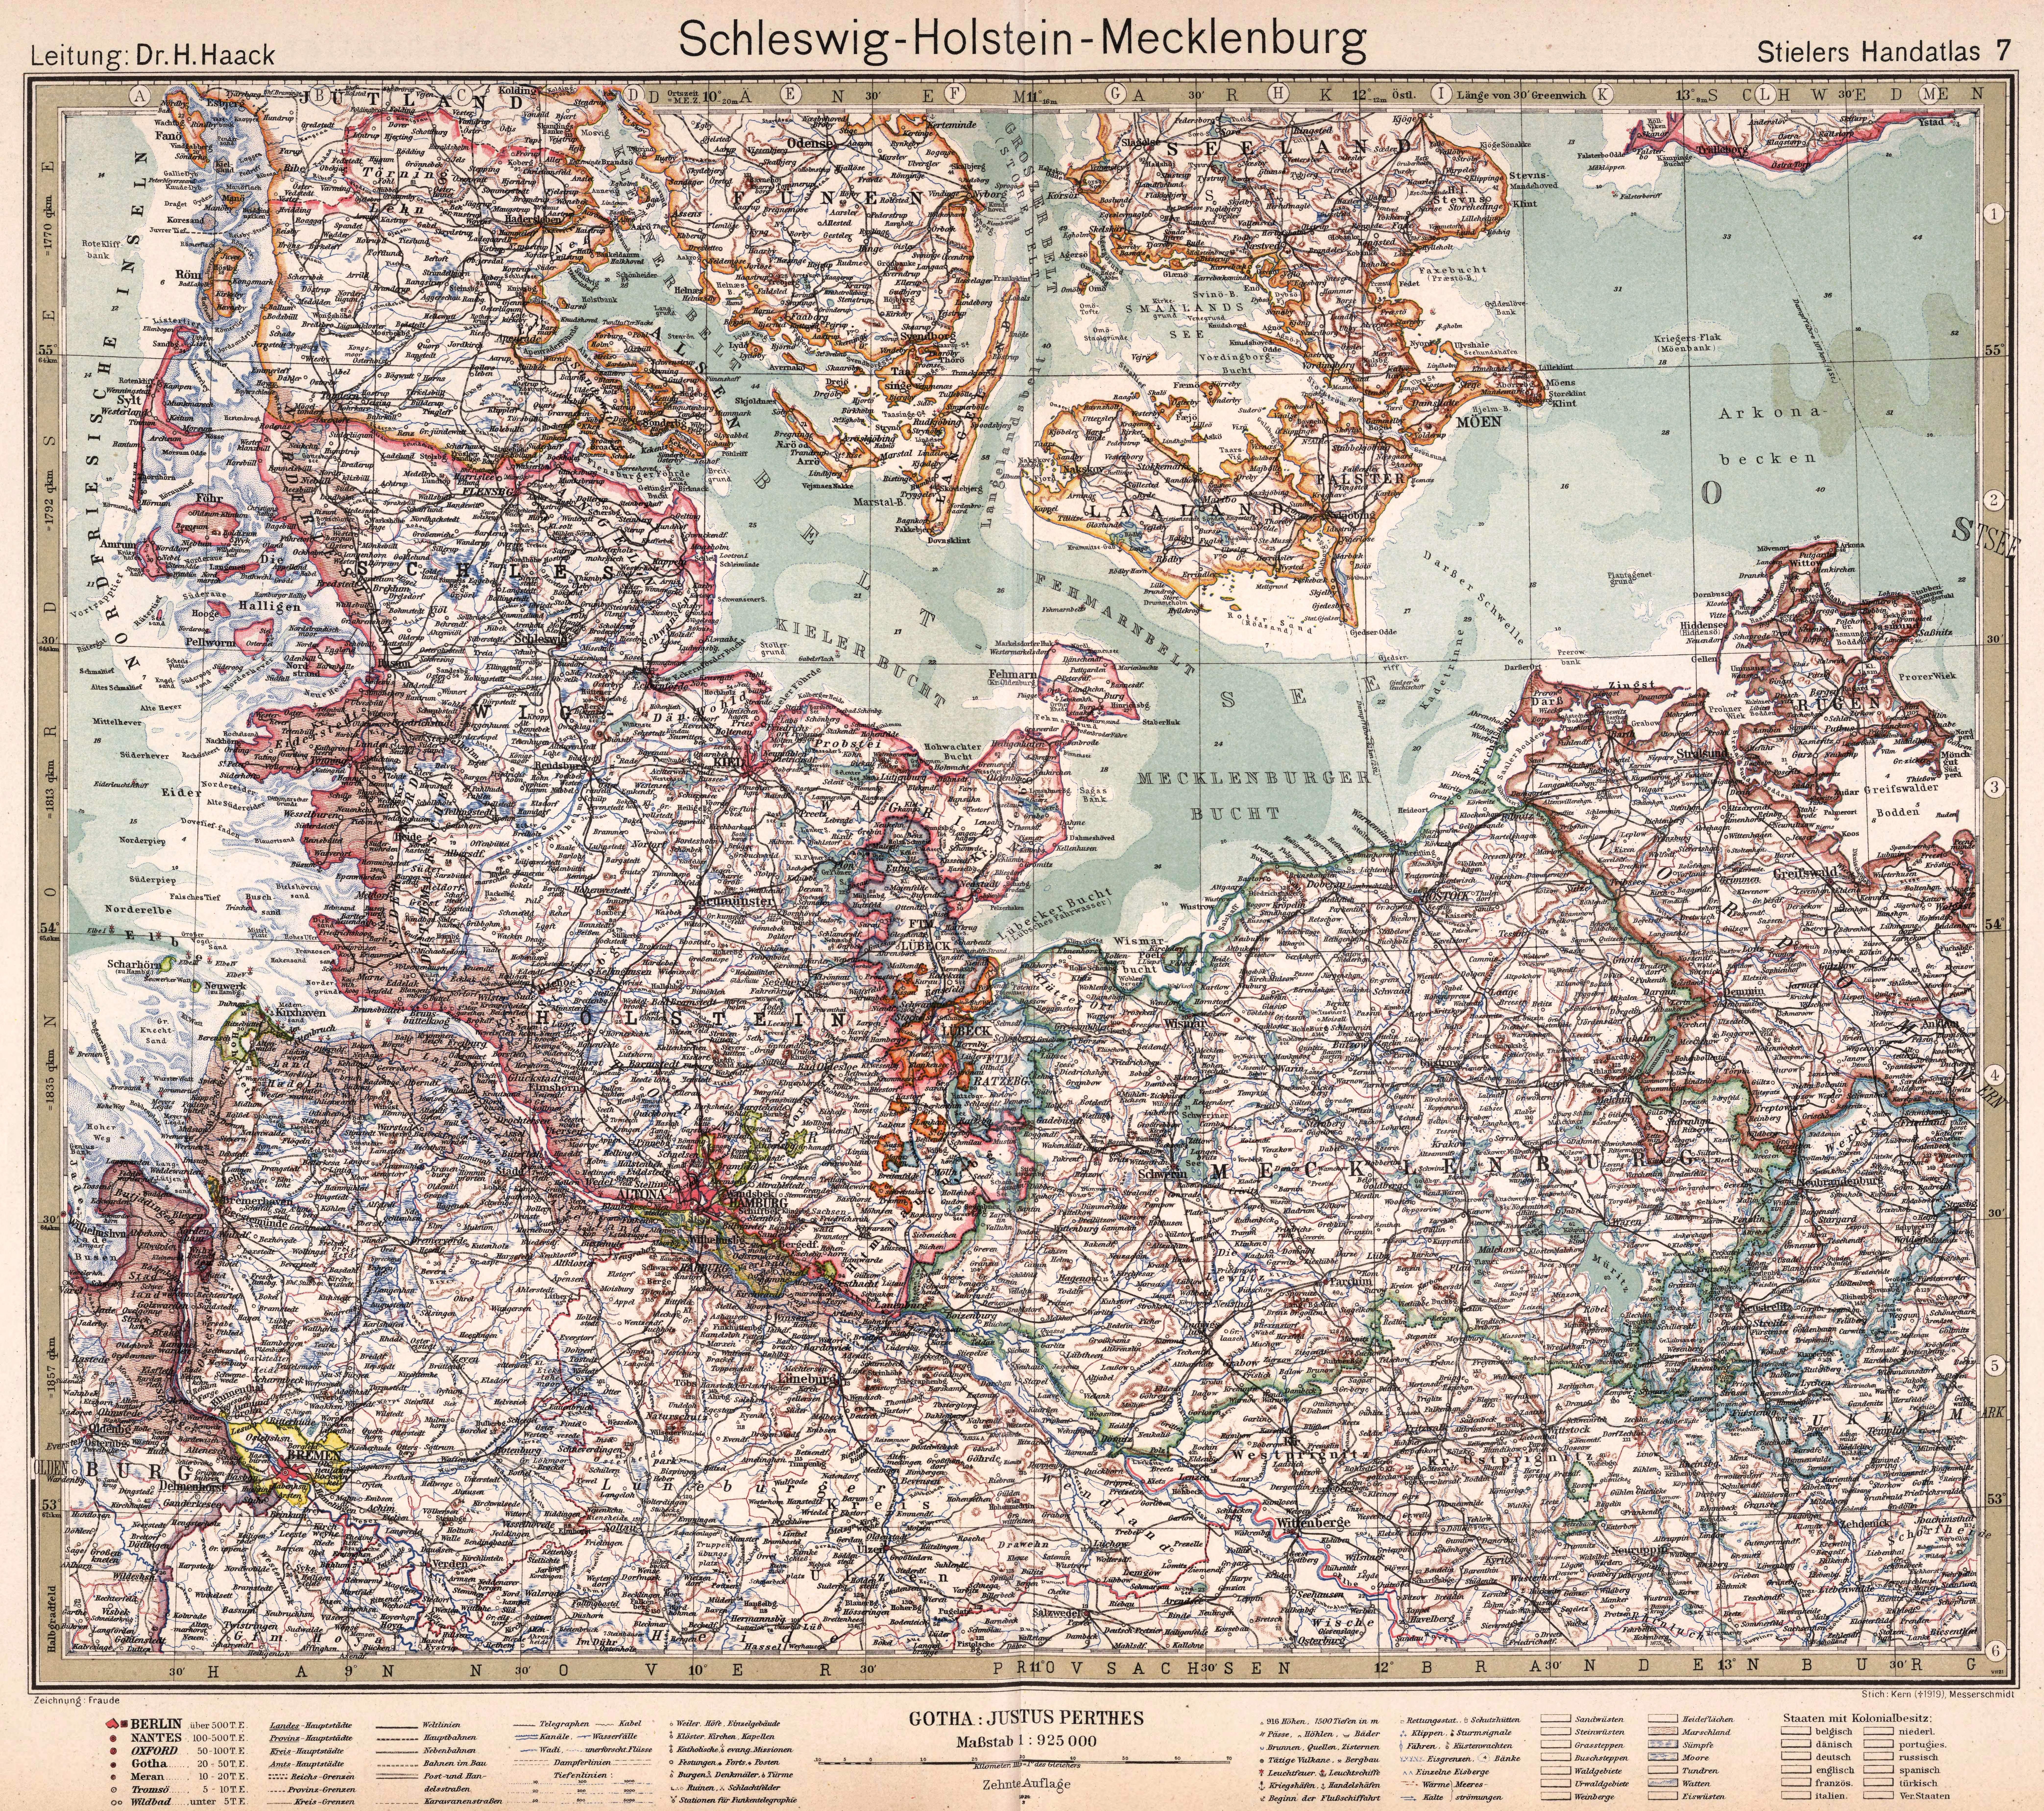 Map Of Germany 1919.File Stielers Handatlas 1925 Map 7 Germany 1919 1937 Schleswig